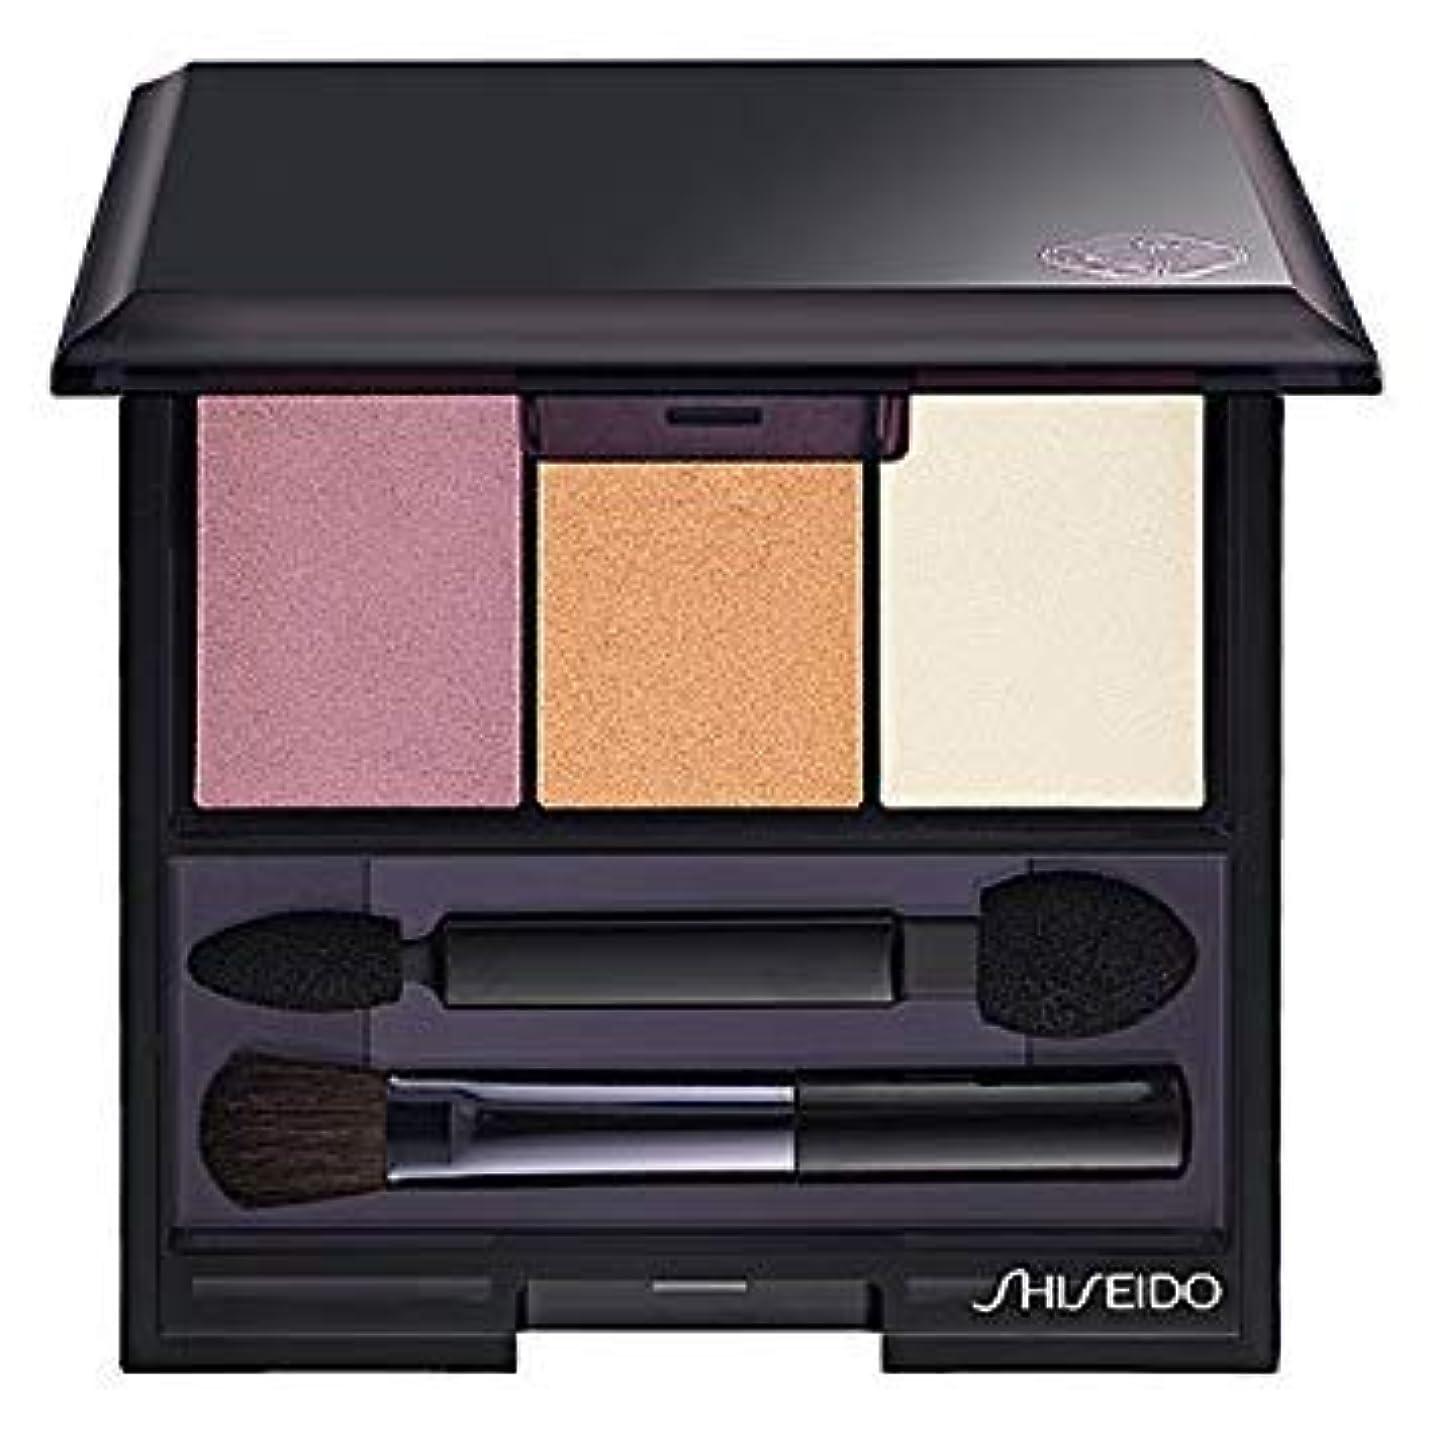 彫るに沿って遊び場資生堂 ルミナイジング サテン アイカラー トリオ RD299(Shiseido Luminizing Satin Eye Color Trio RD299) [並行輸入品]